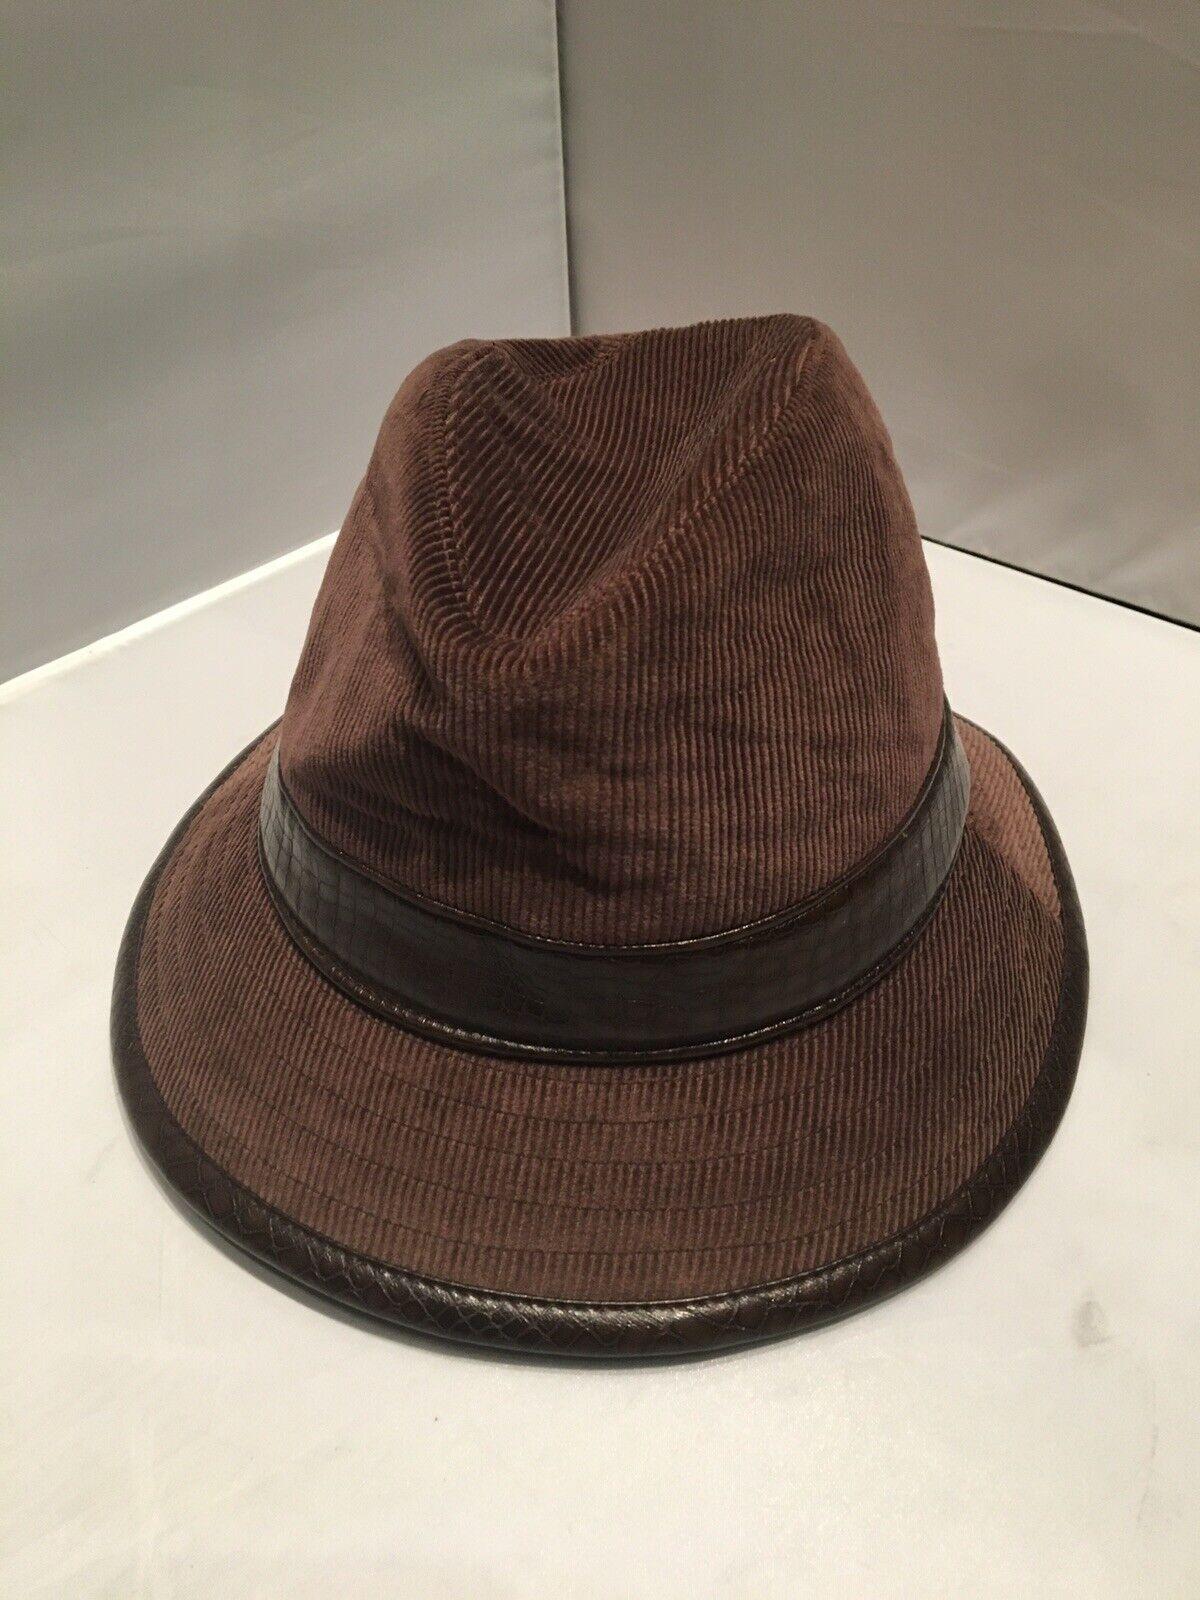 Hermoso Adorno De Cuero/Pana Marrón Accessorize sombrero de Fedora, nuevo